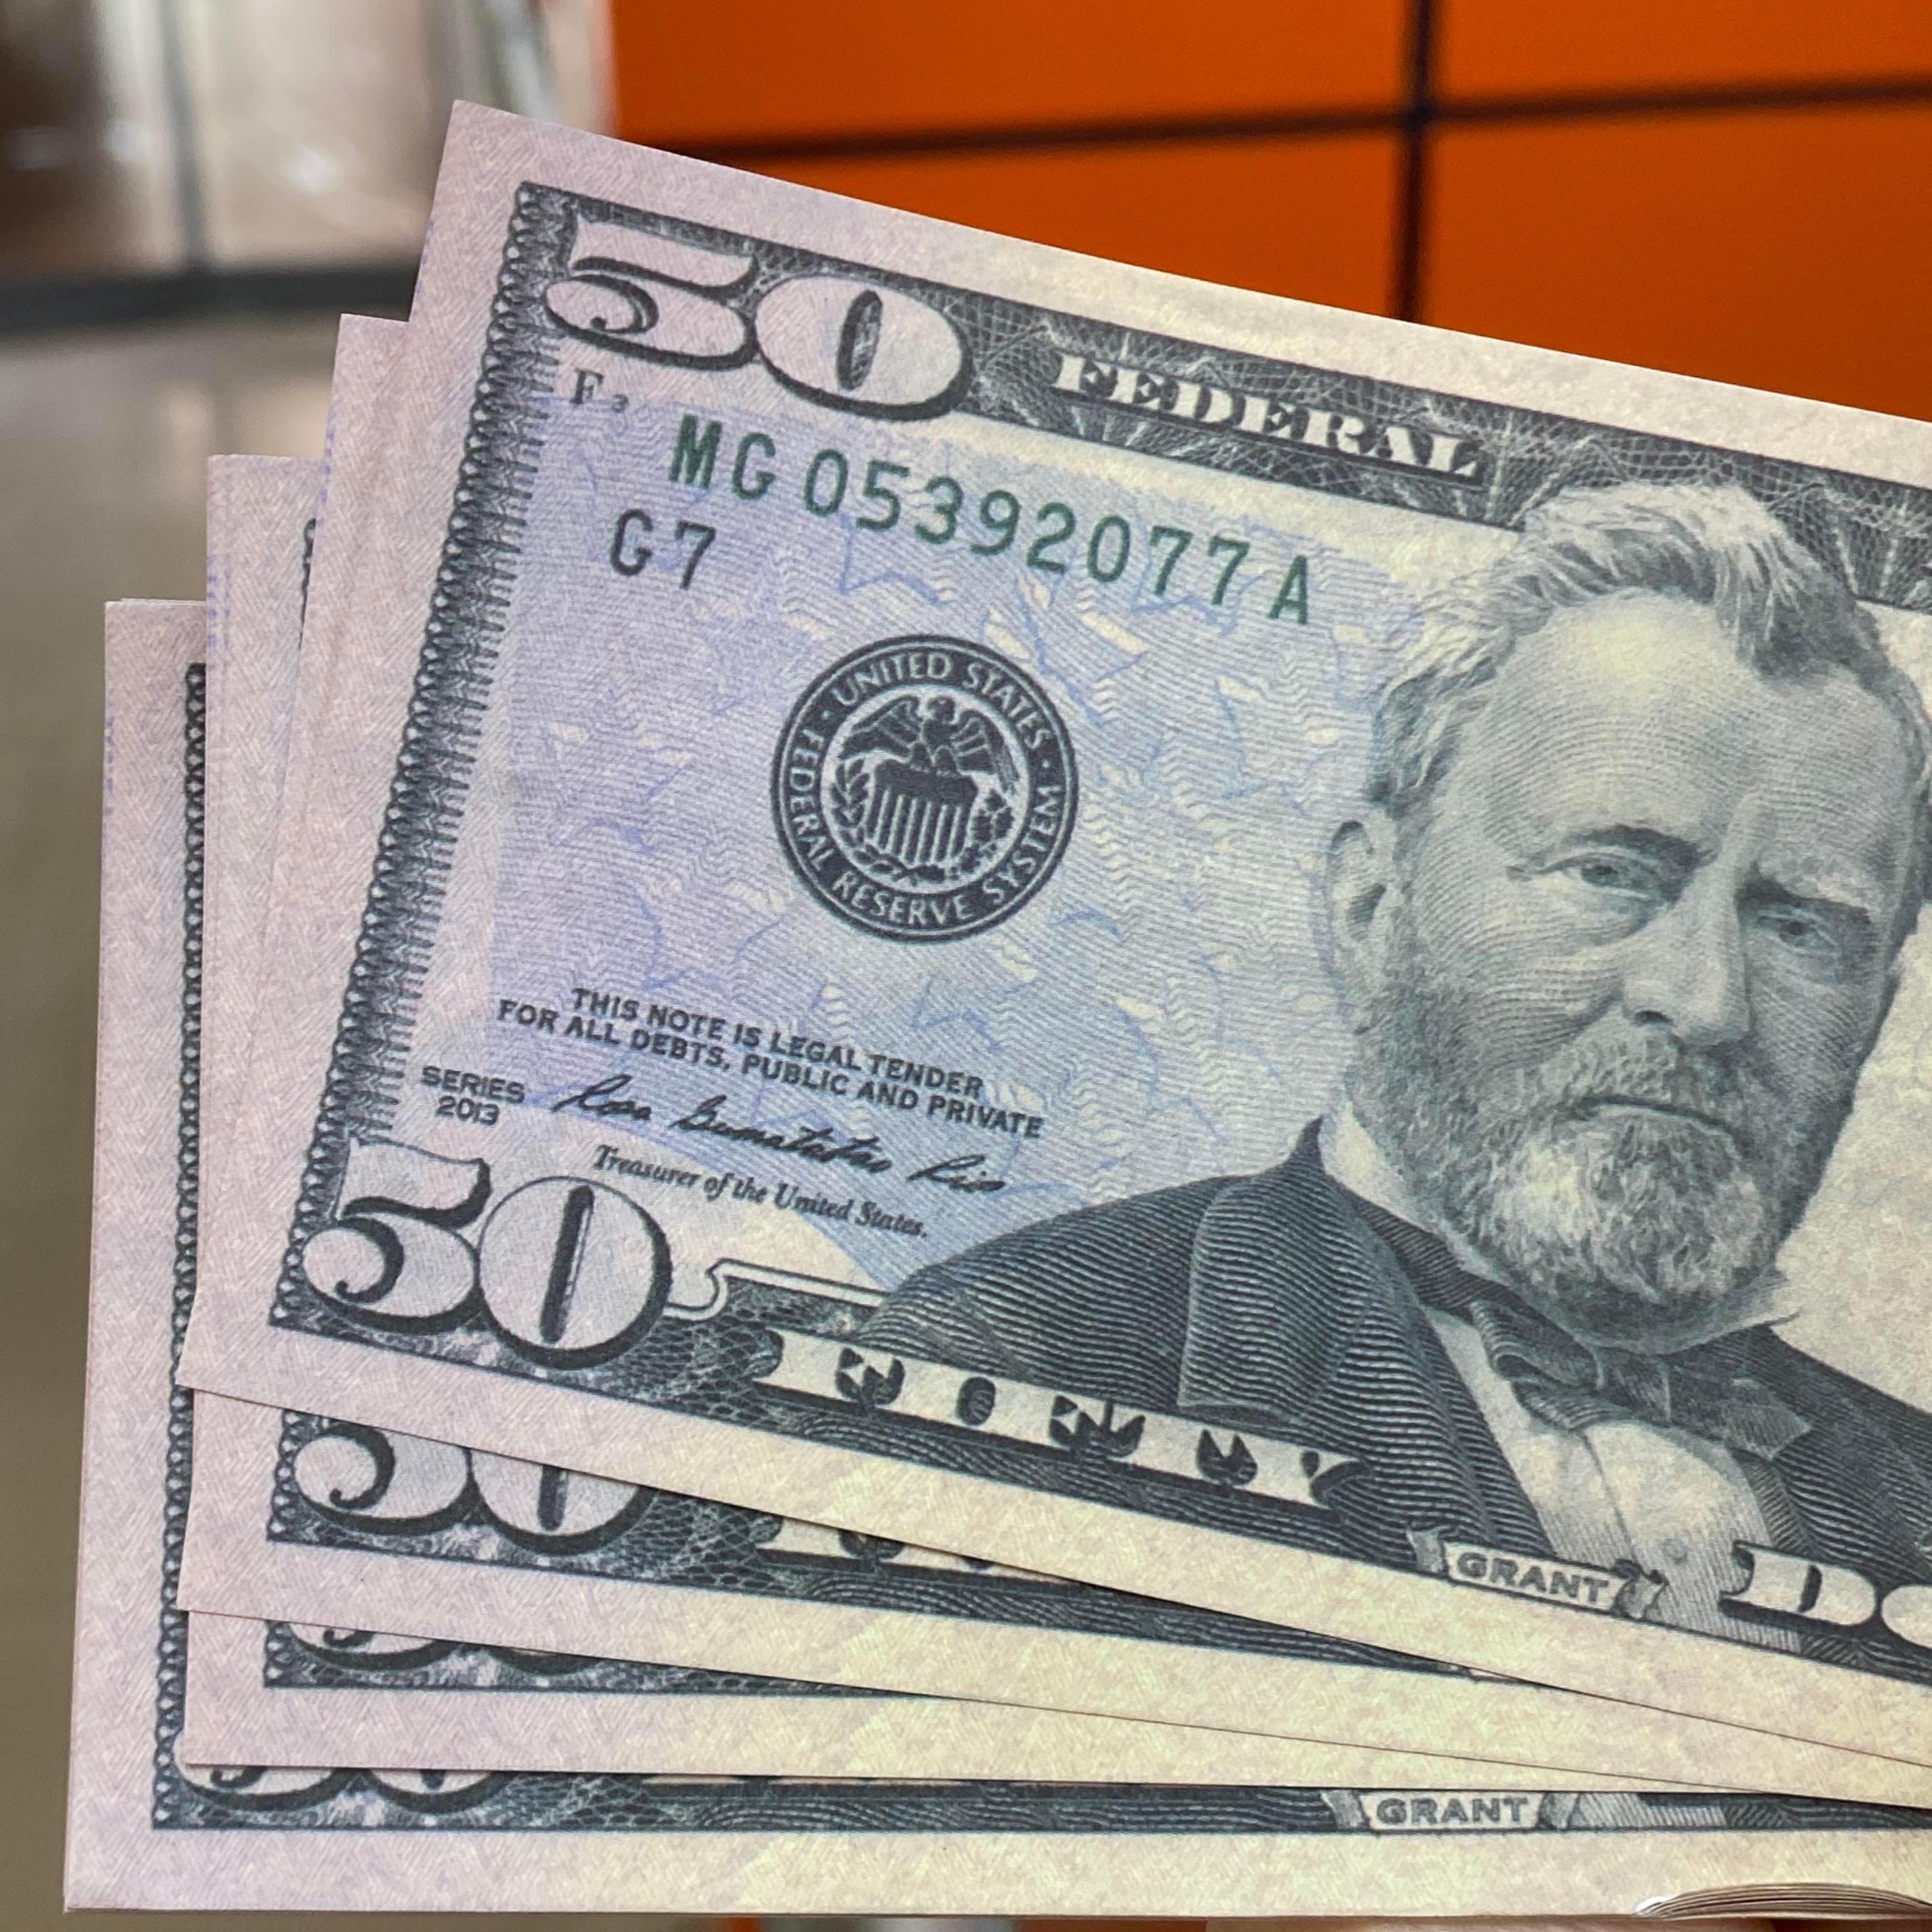 Faux Money Money Billets de billets de jouets 50 Note Vills Sacs-D5 USD Bar Bags Sacs Designers Documents de la Banque Paper Designers Prop Prix NuIQL